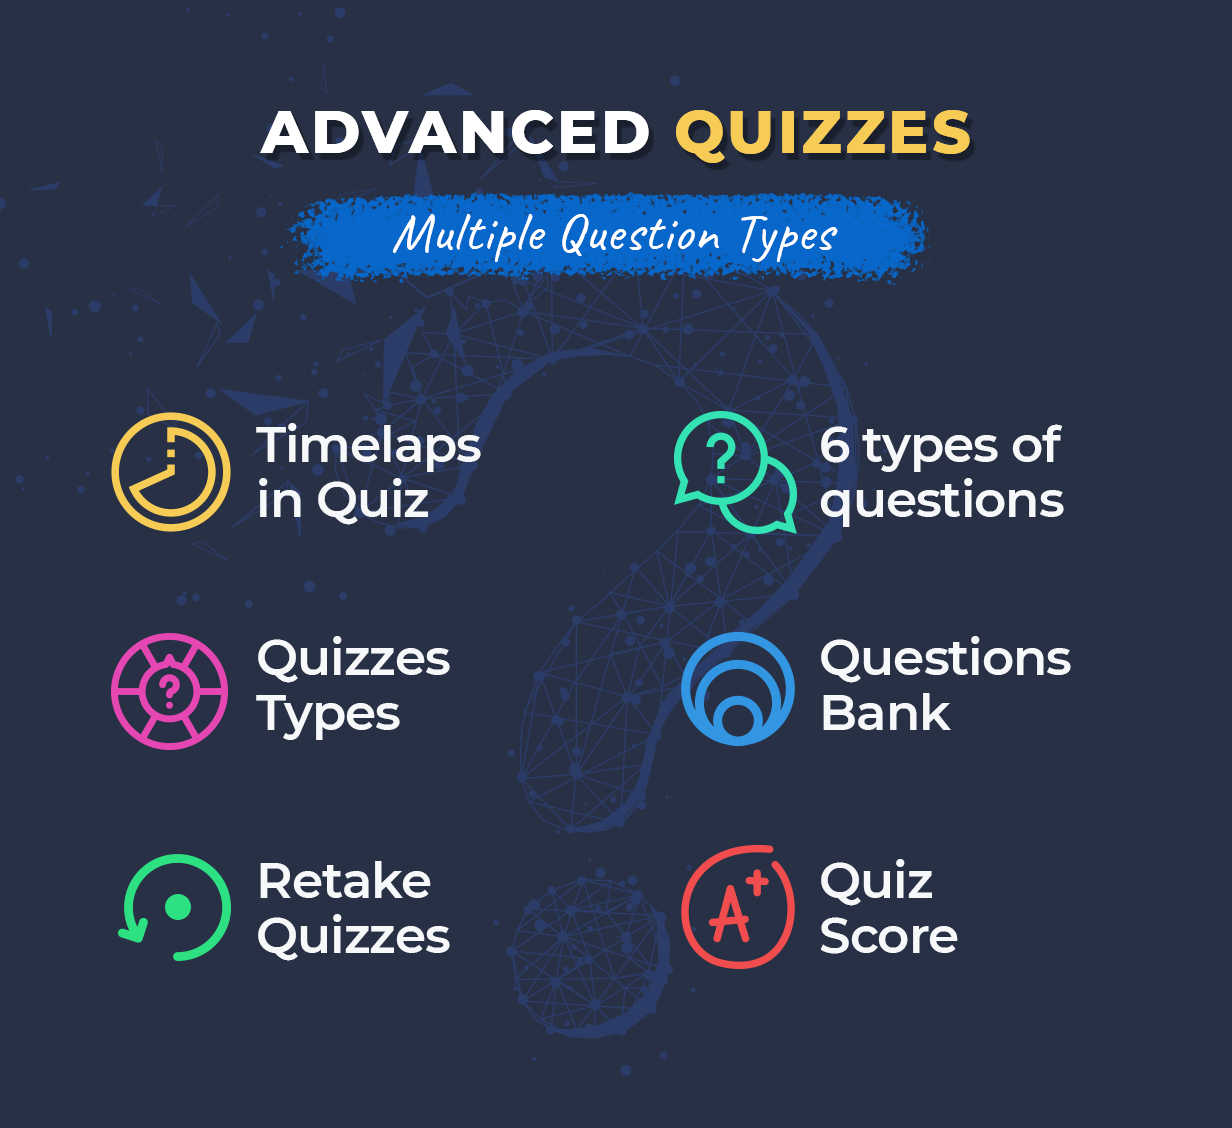 advanced quizzes